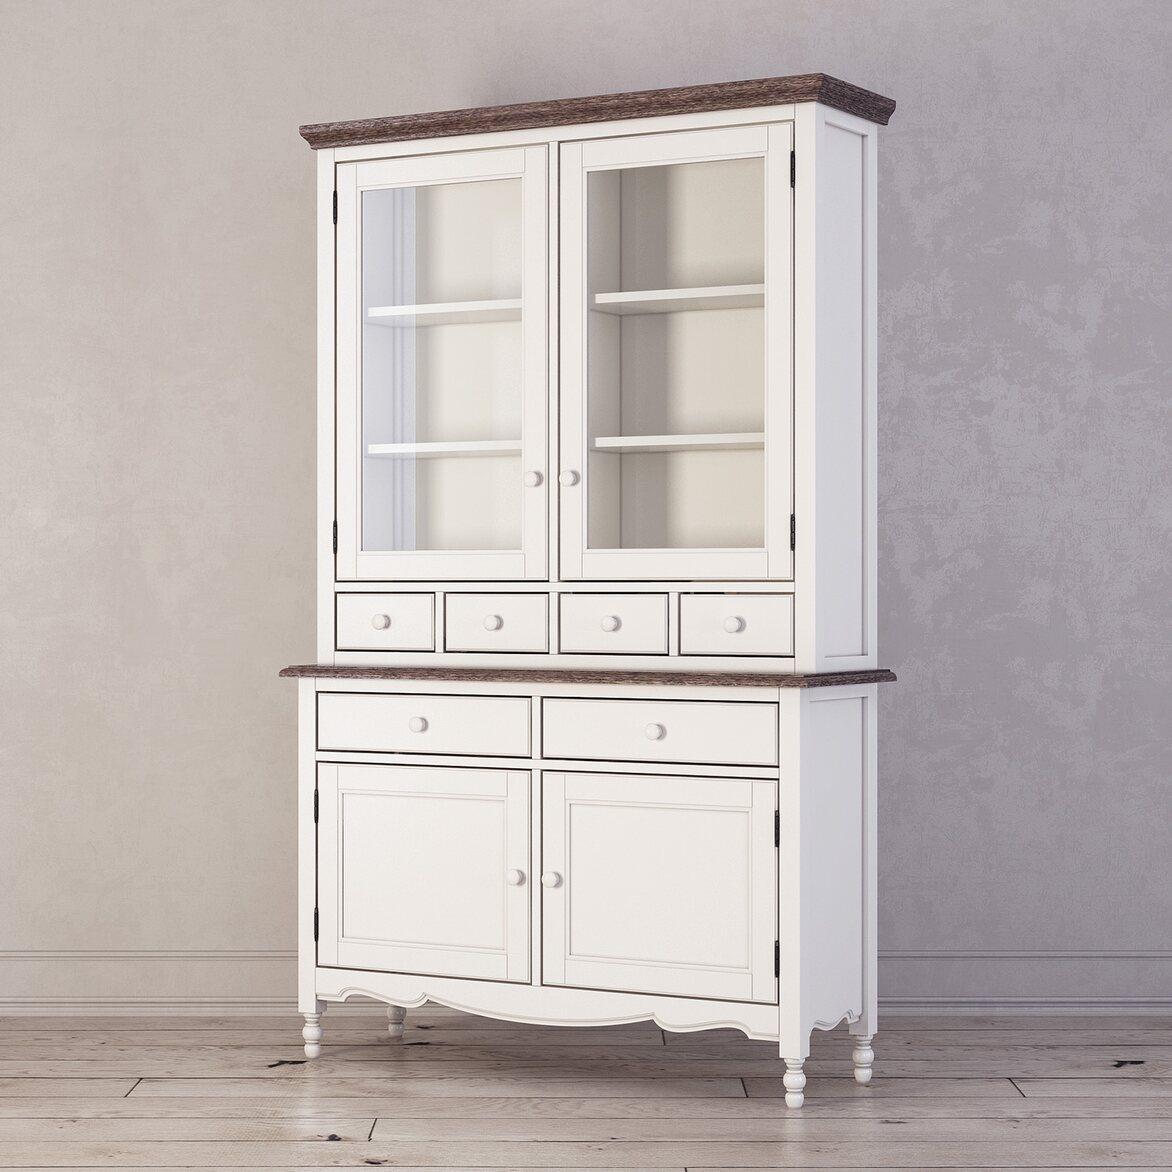 Буфет с ящиками и дверцами Leblanc, белый 2 | Буфеты Kingsby